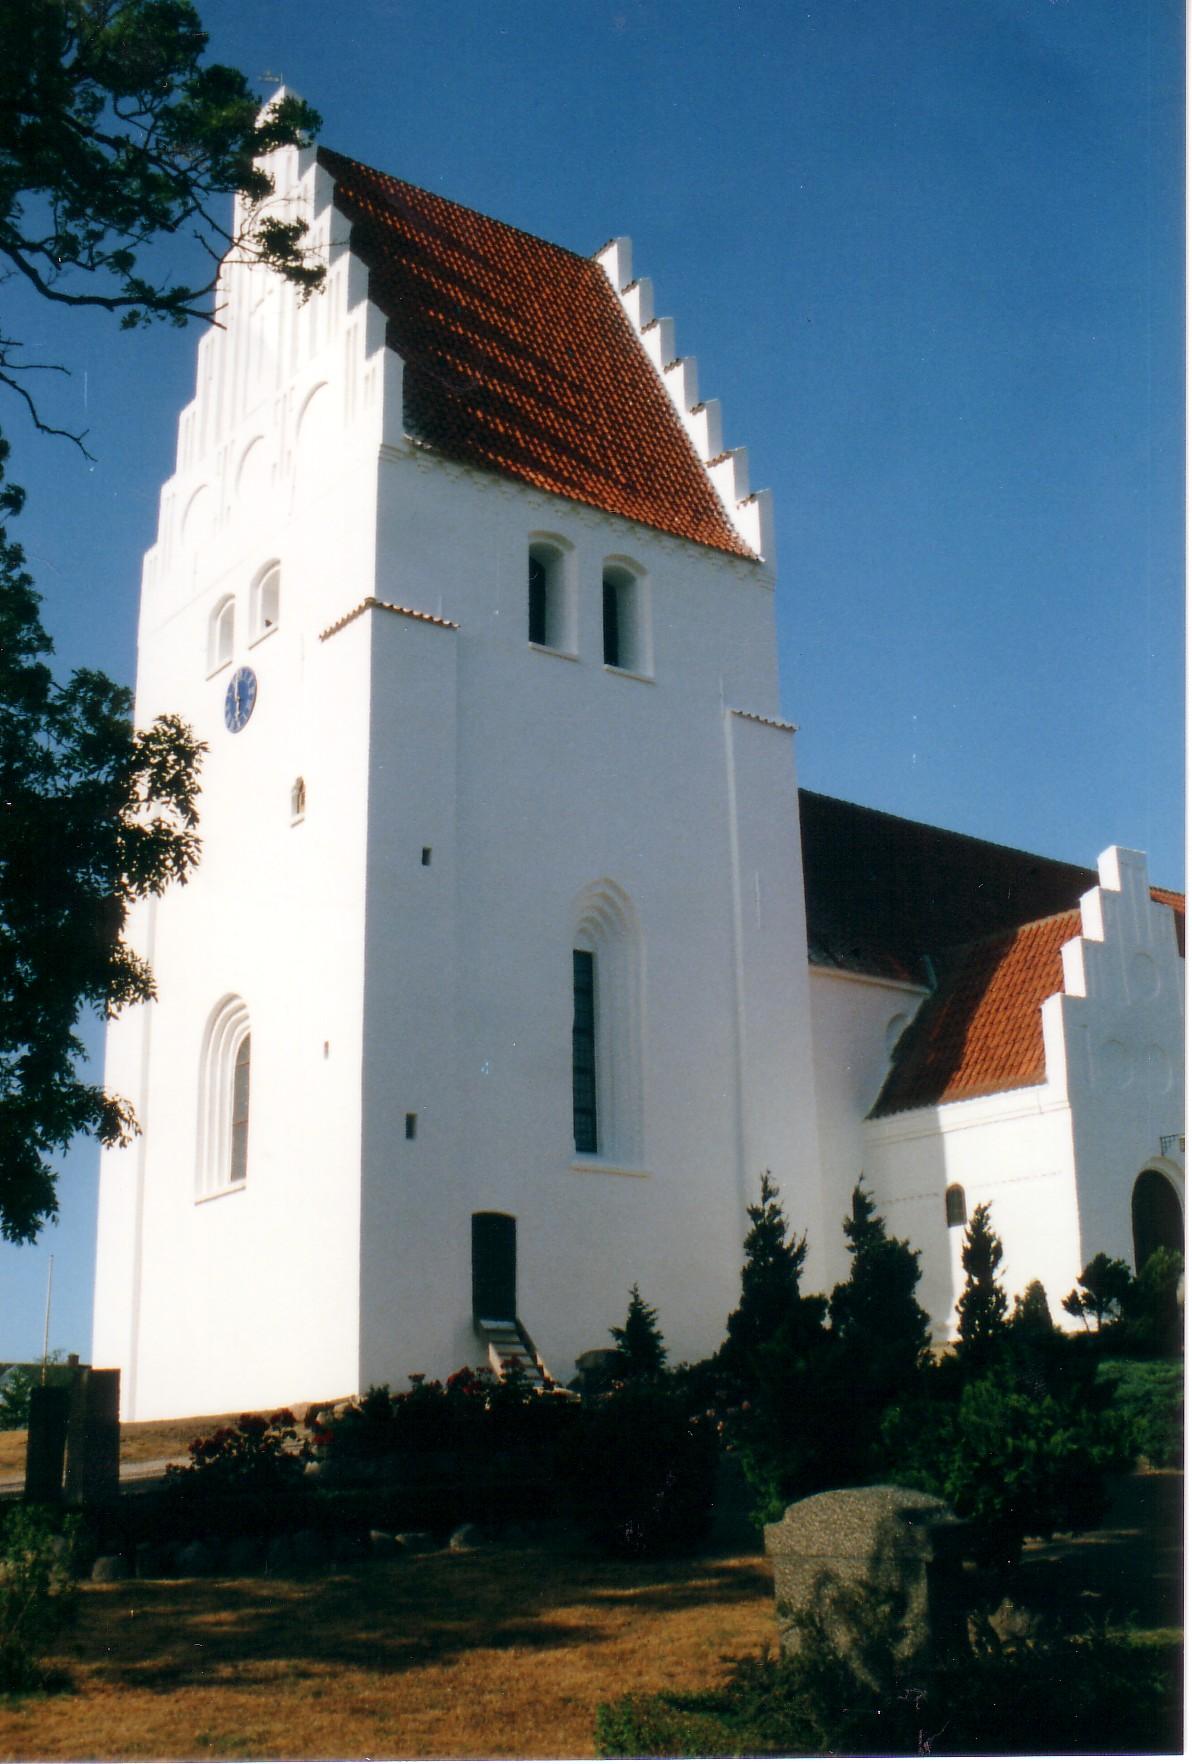 Eglise sur l'ile de Mon 3.jpg